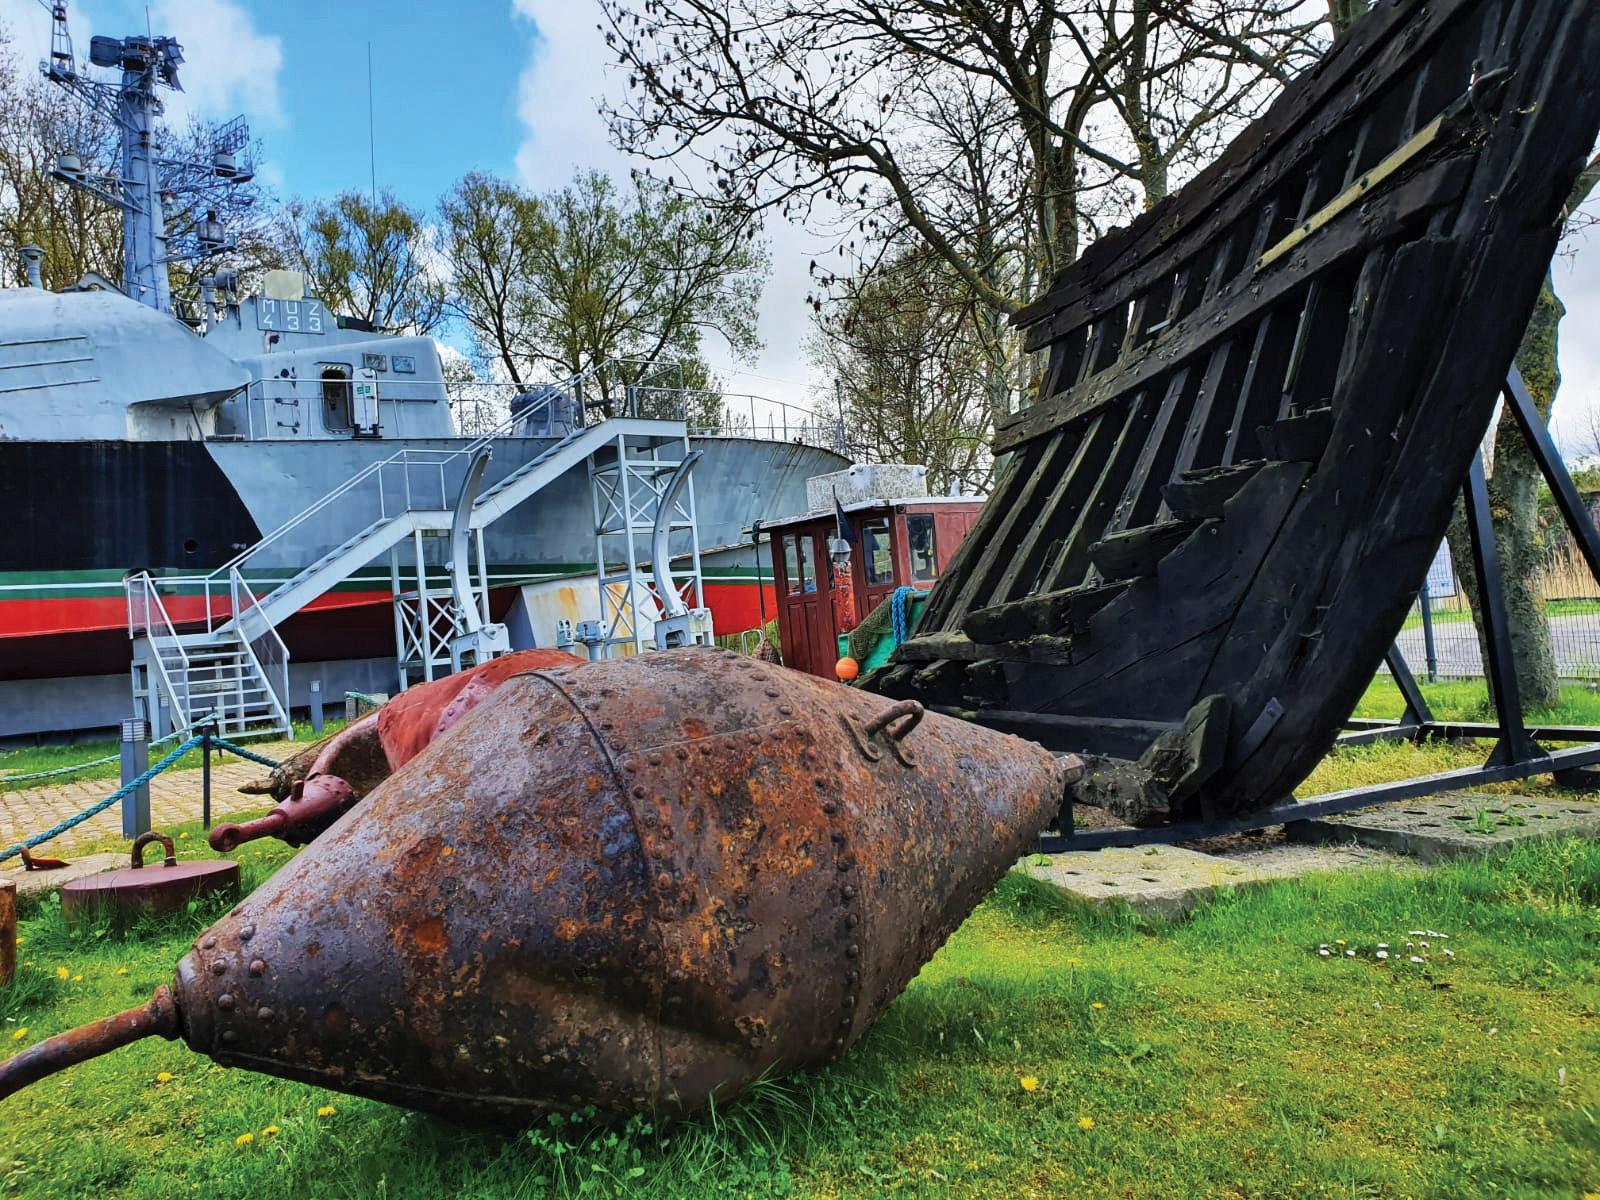 Jedna z zabytkowych, nitowanych boi, pozyskana dla Skansenu dzięki współpracy z Urzędem Morskim w Szczecinie (Fot. Łukasz Gładysiak).